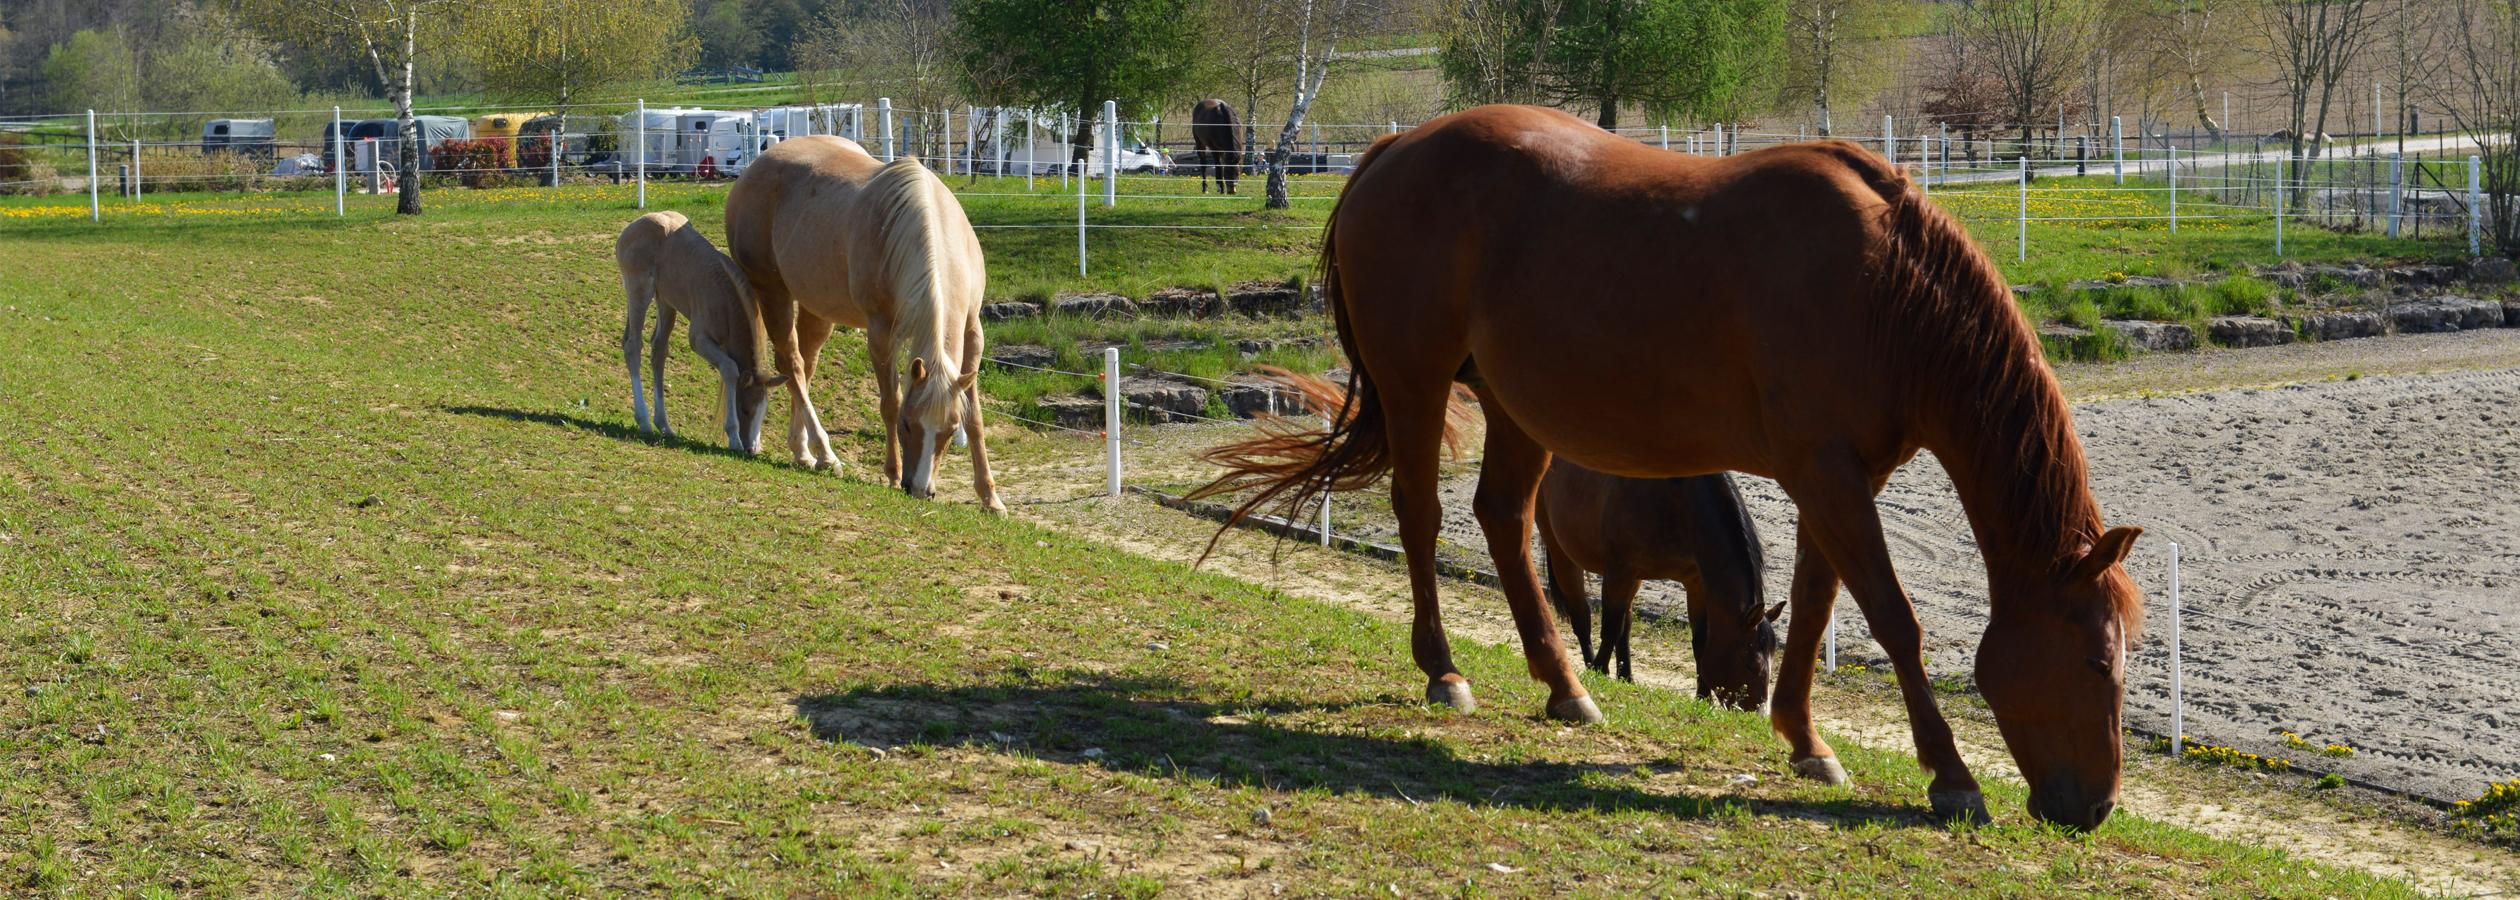 Header_HorseAcademy_Anlage-11